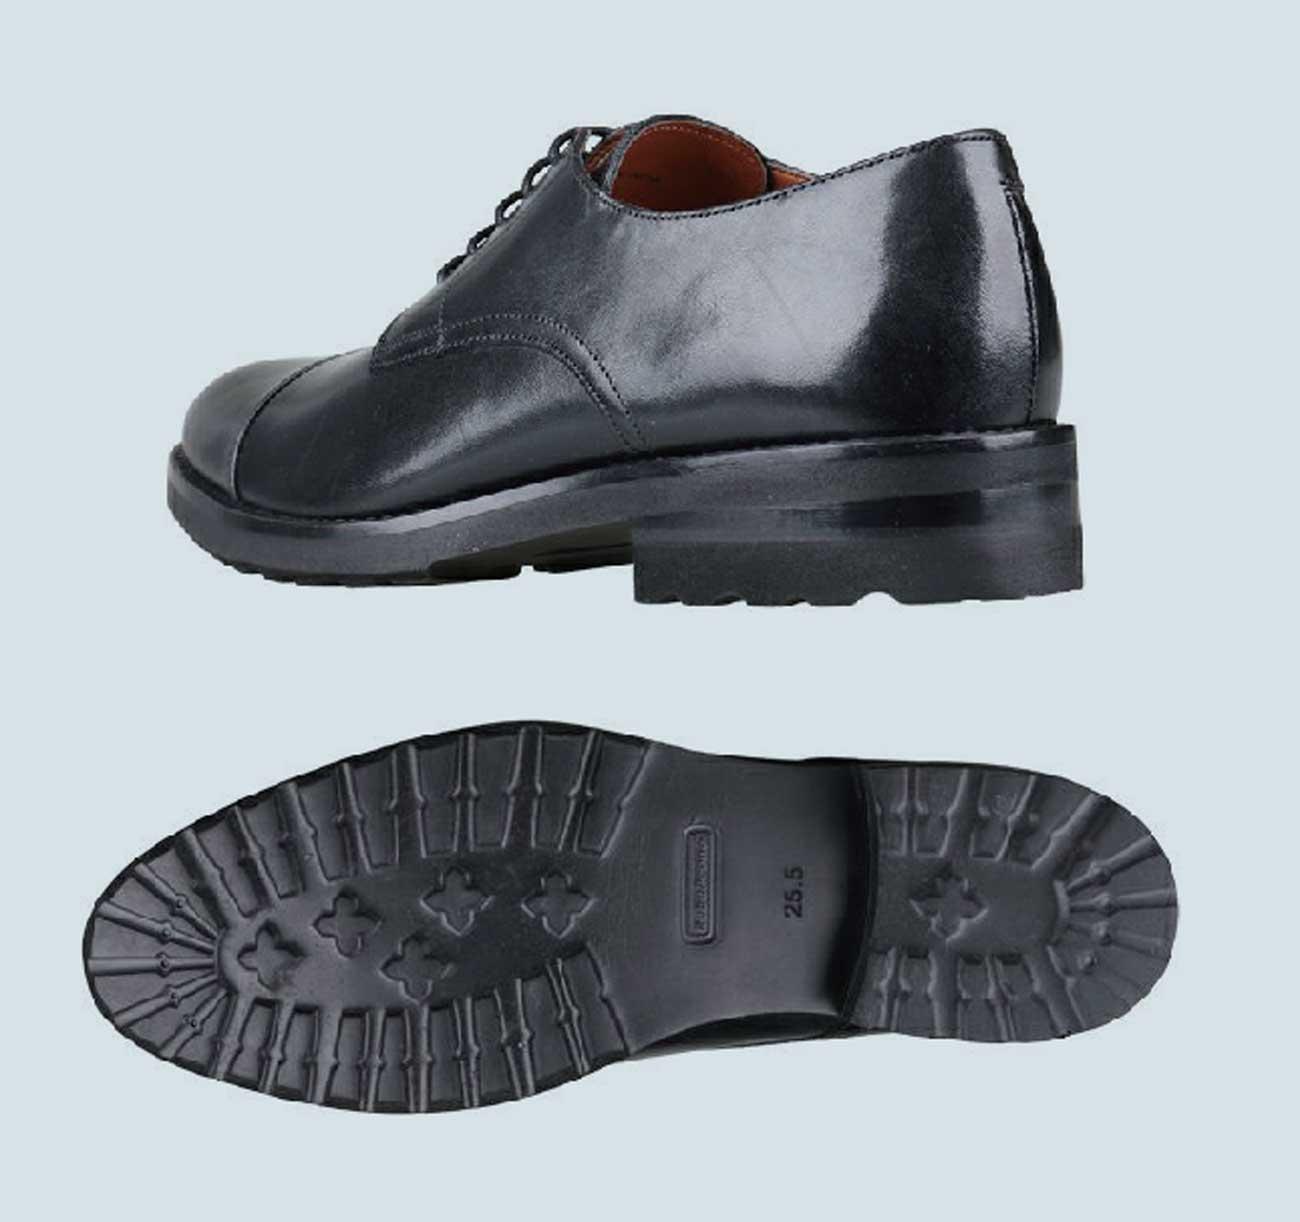 登山靴のような靴底のパターン。見た目よりも軽量で歩きやすい